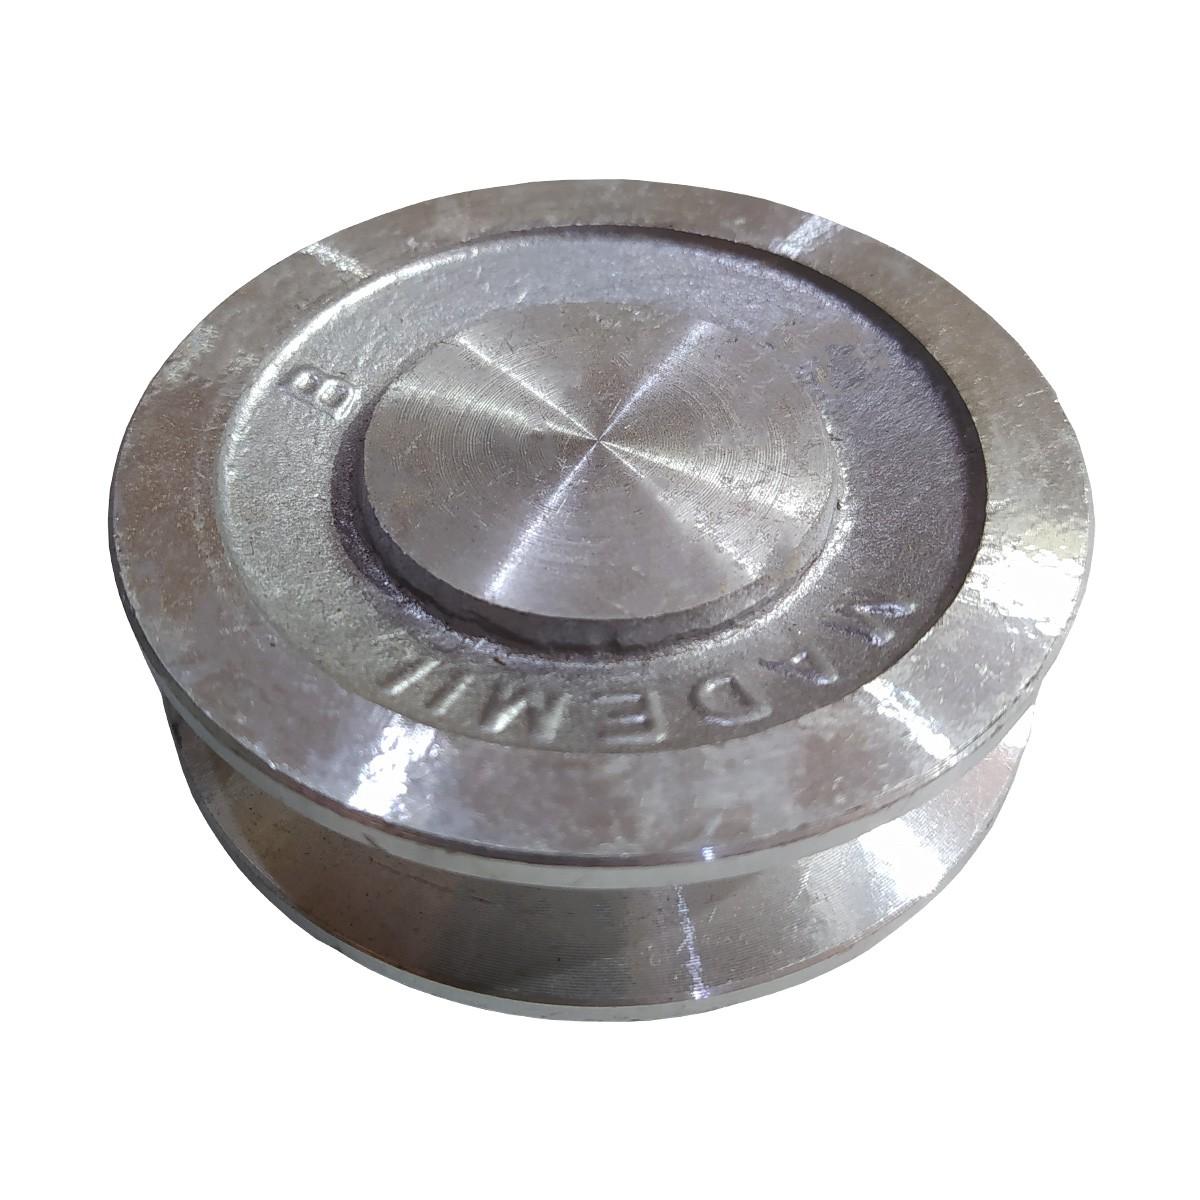 Polia De Aluminio 80mm 1 Canal B Sem Furo